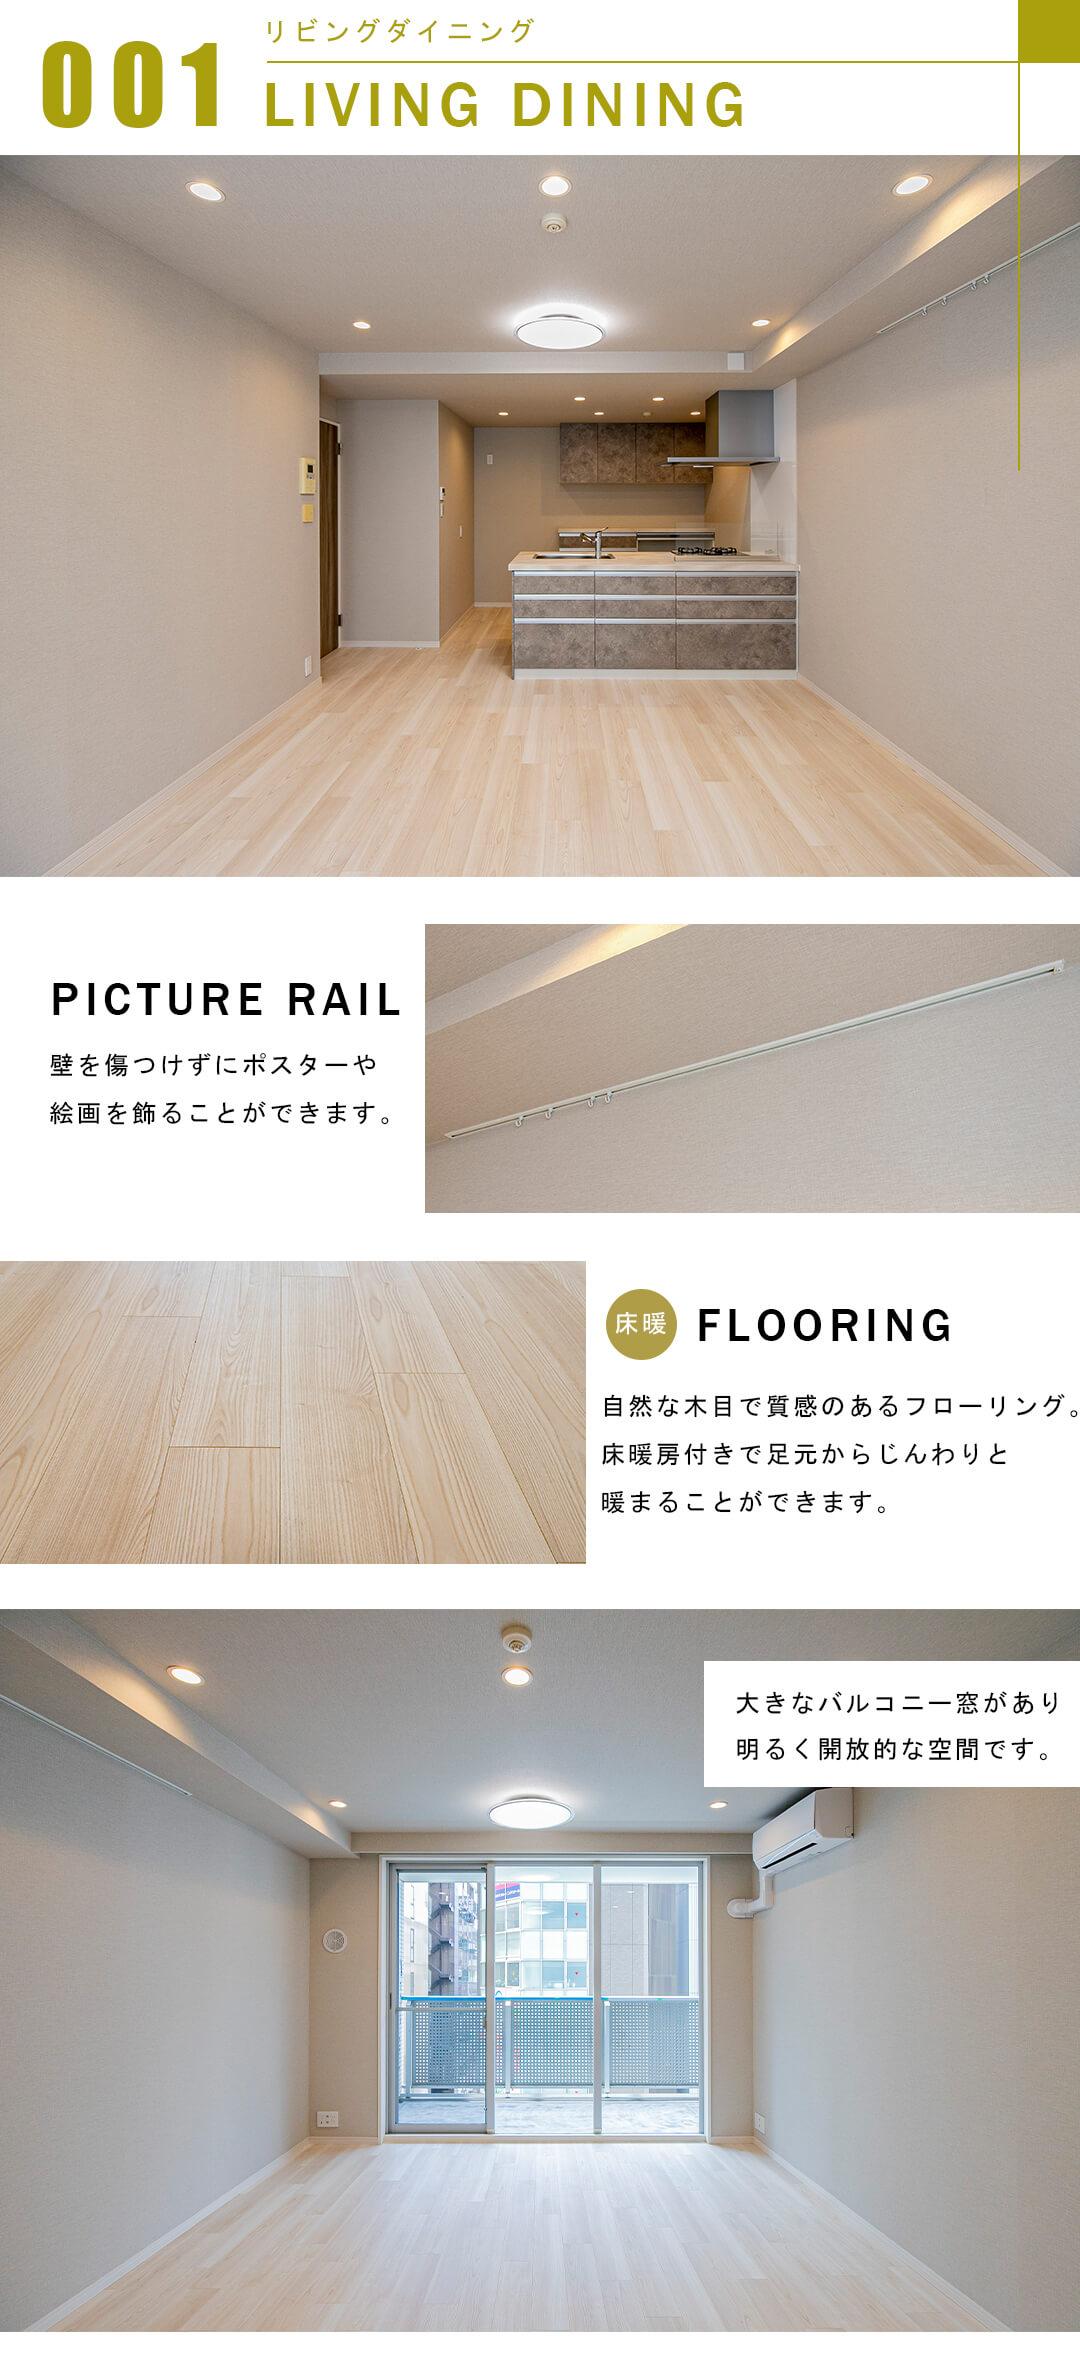 東京タイムズタワーのリビングダイニング